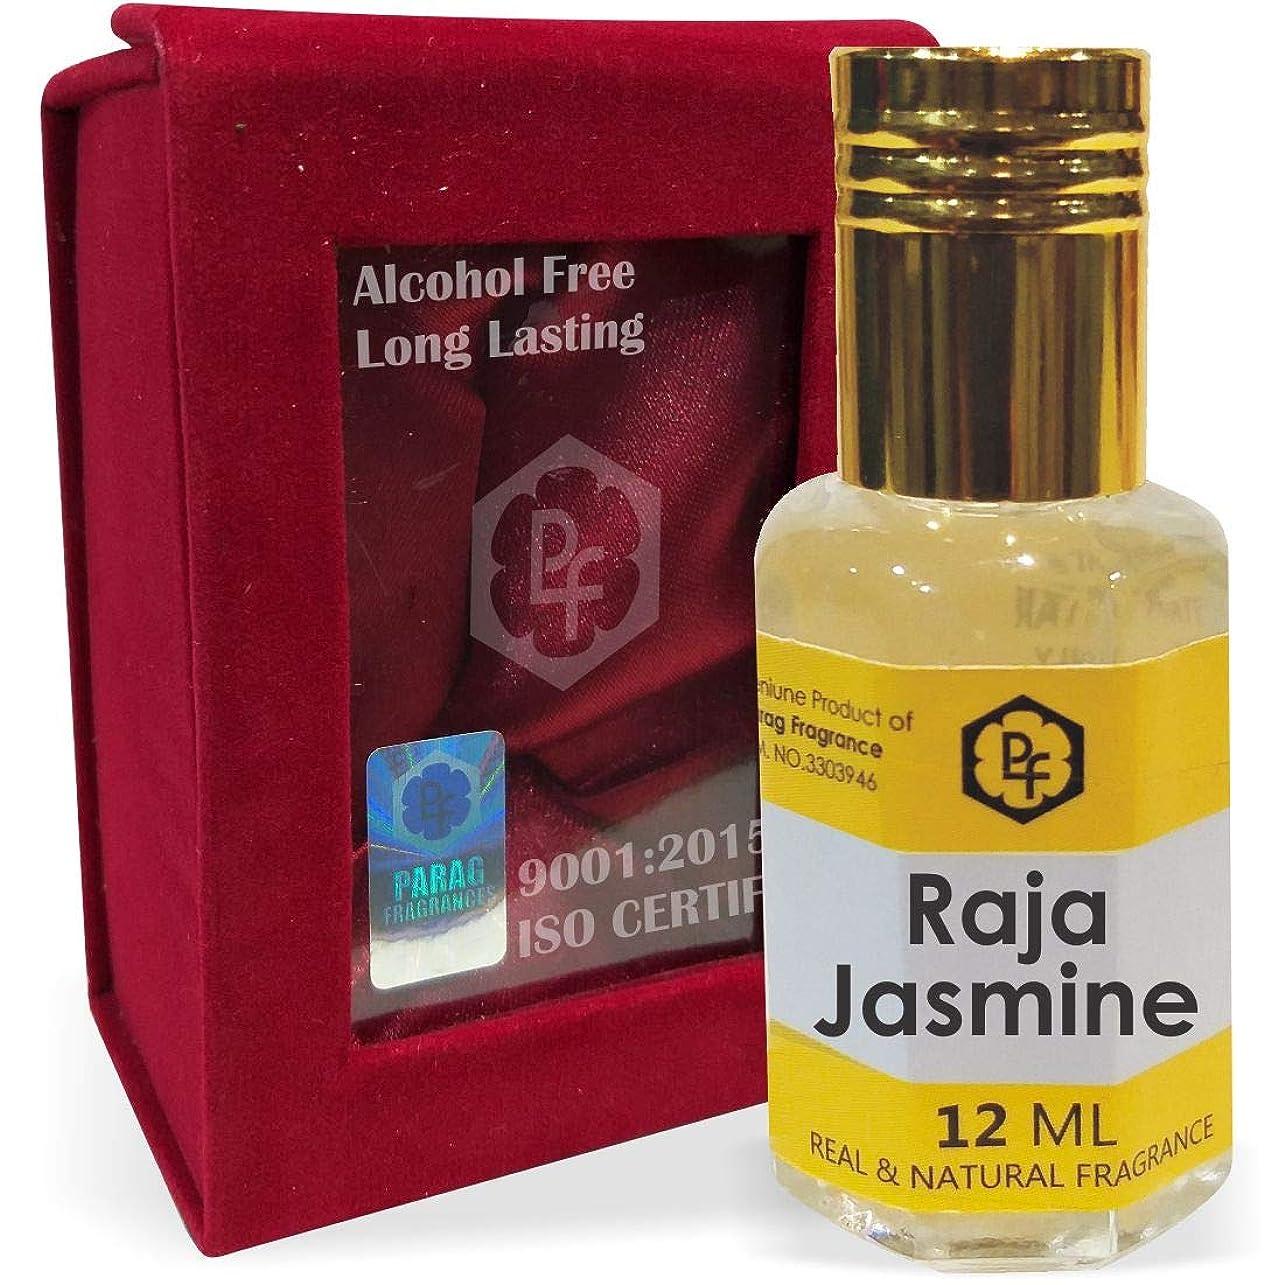 シティ優先危険な手作りのベルベットボックスParagフレグランスラジャジャスミン12ミリリットルアター/香油/(インドの伝統的なBhapka処理方法により、インド製)フレグランスオイル|アターITRA最高の品質長持ち